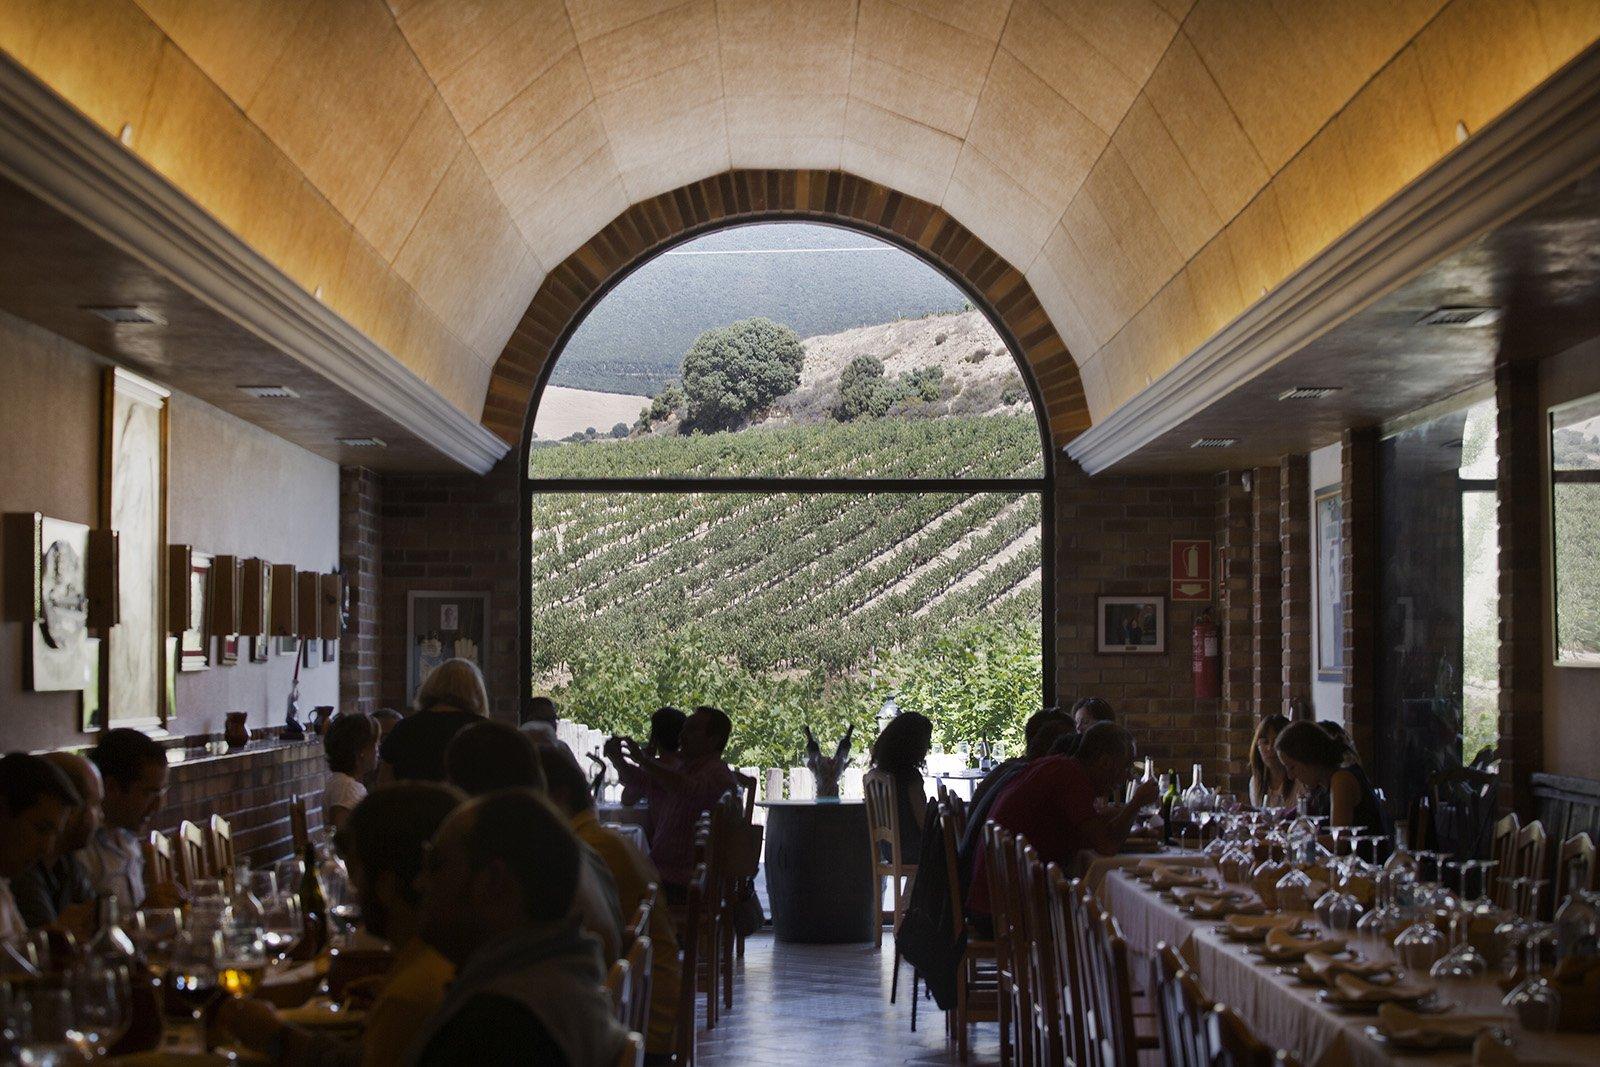 Restaurante Martín Cendoya, bodega hotel en Rioja Alavesa. Alojamiento, comida, catas